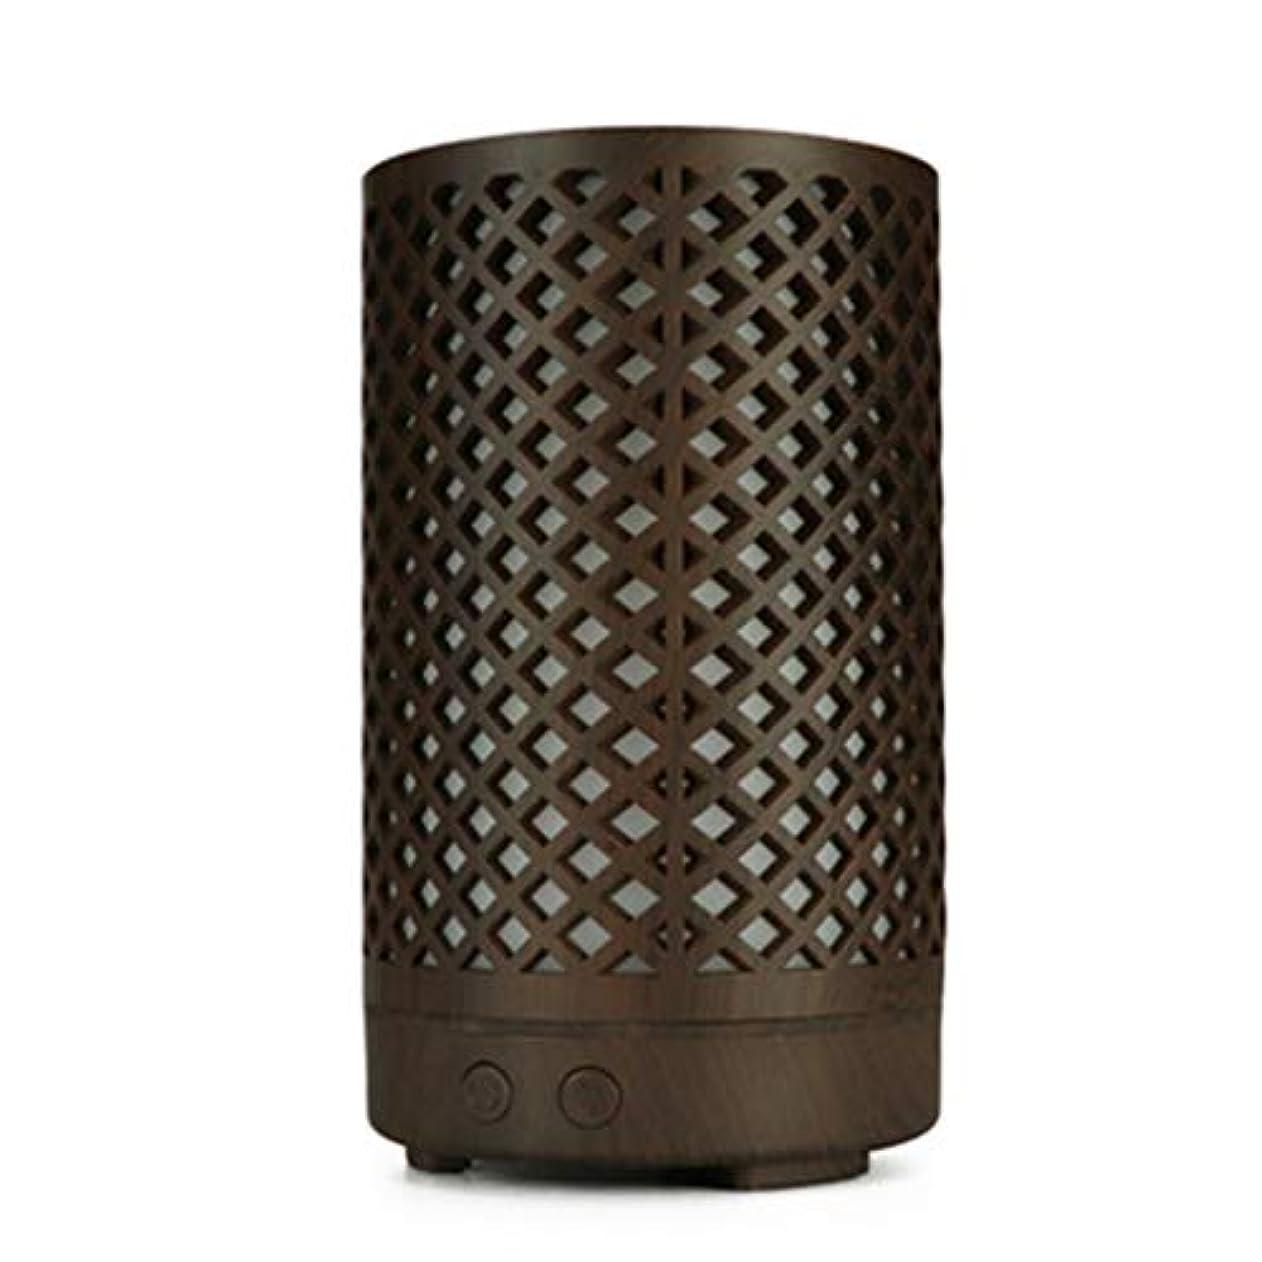 故障本質的にジャム木目加湿器家庭用100ミリリットルミニデスクトップカラフルなアロマテラピーマシン (Color : Dark wood grain)